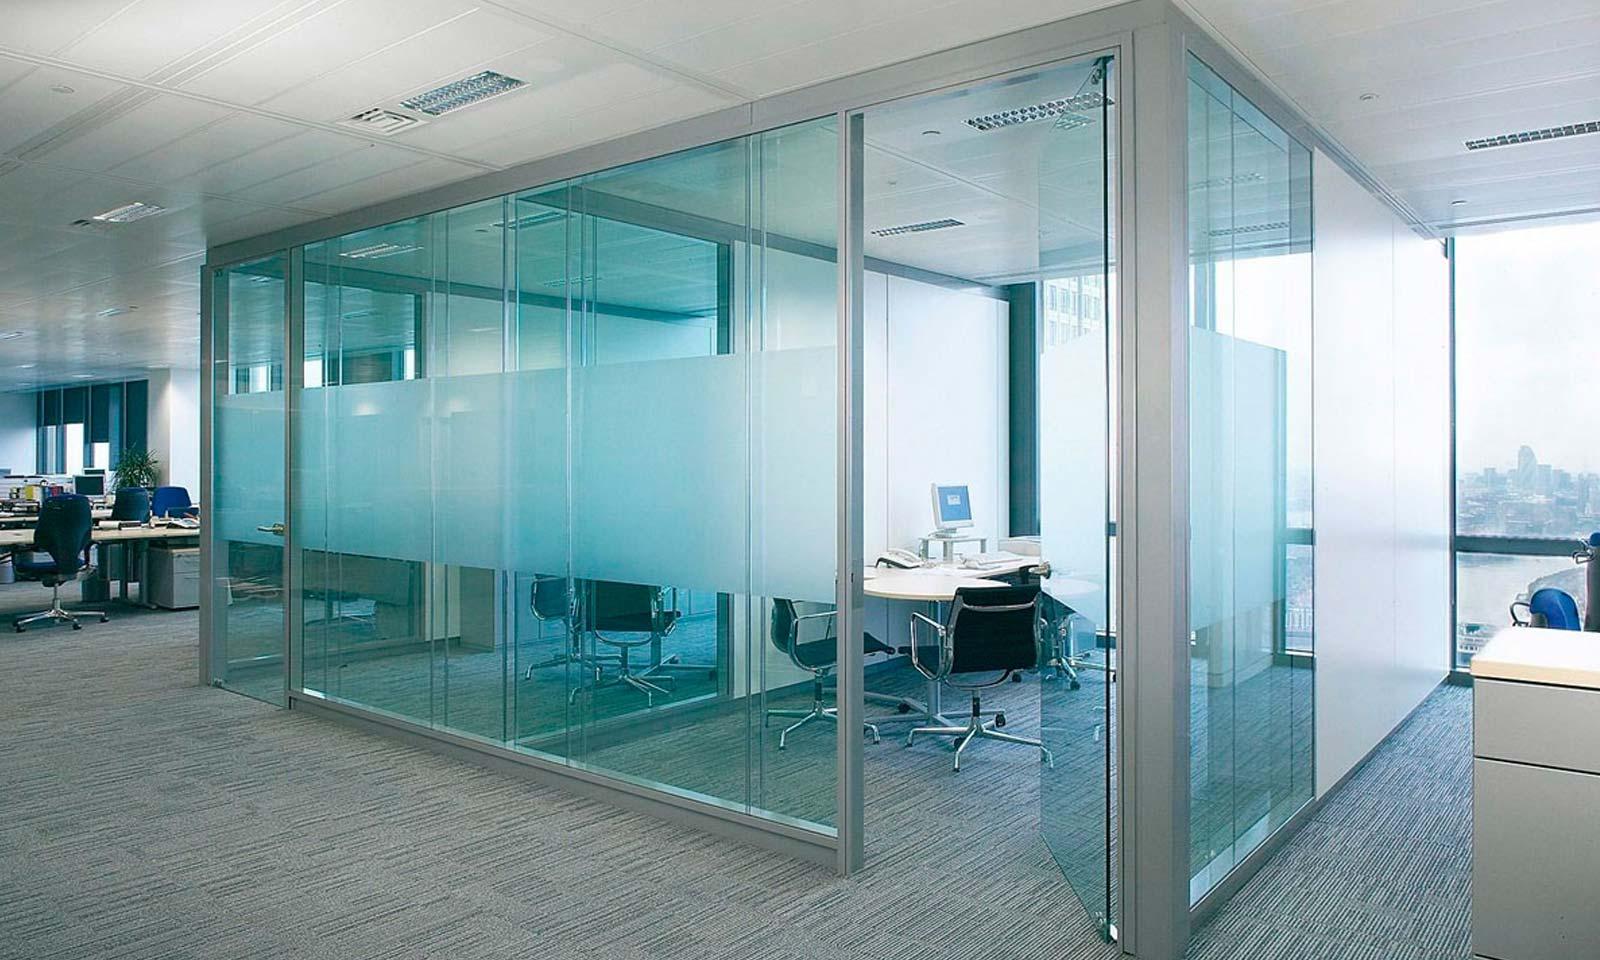 Картинки по запросу Прозрачная изоляция офисных помещений